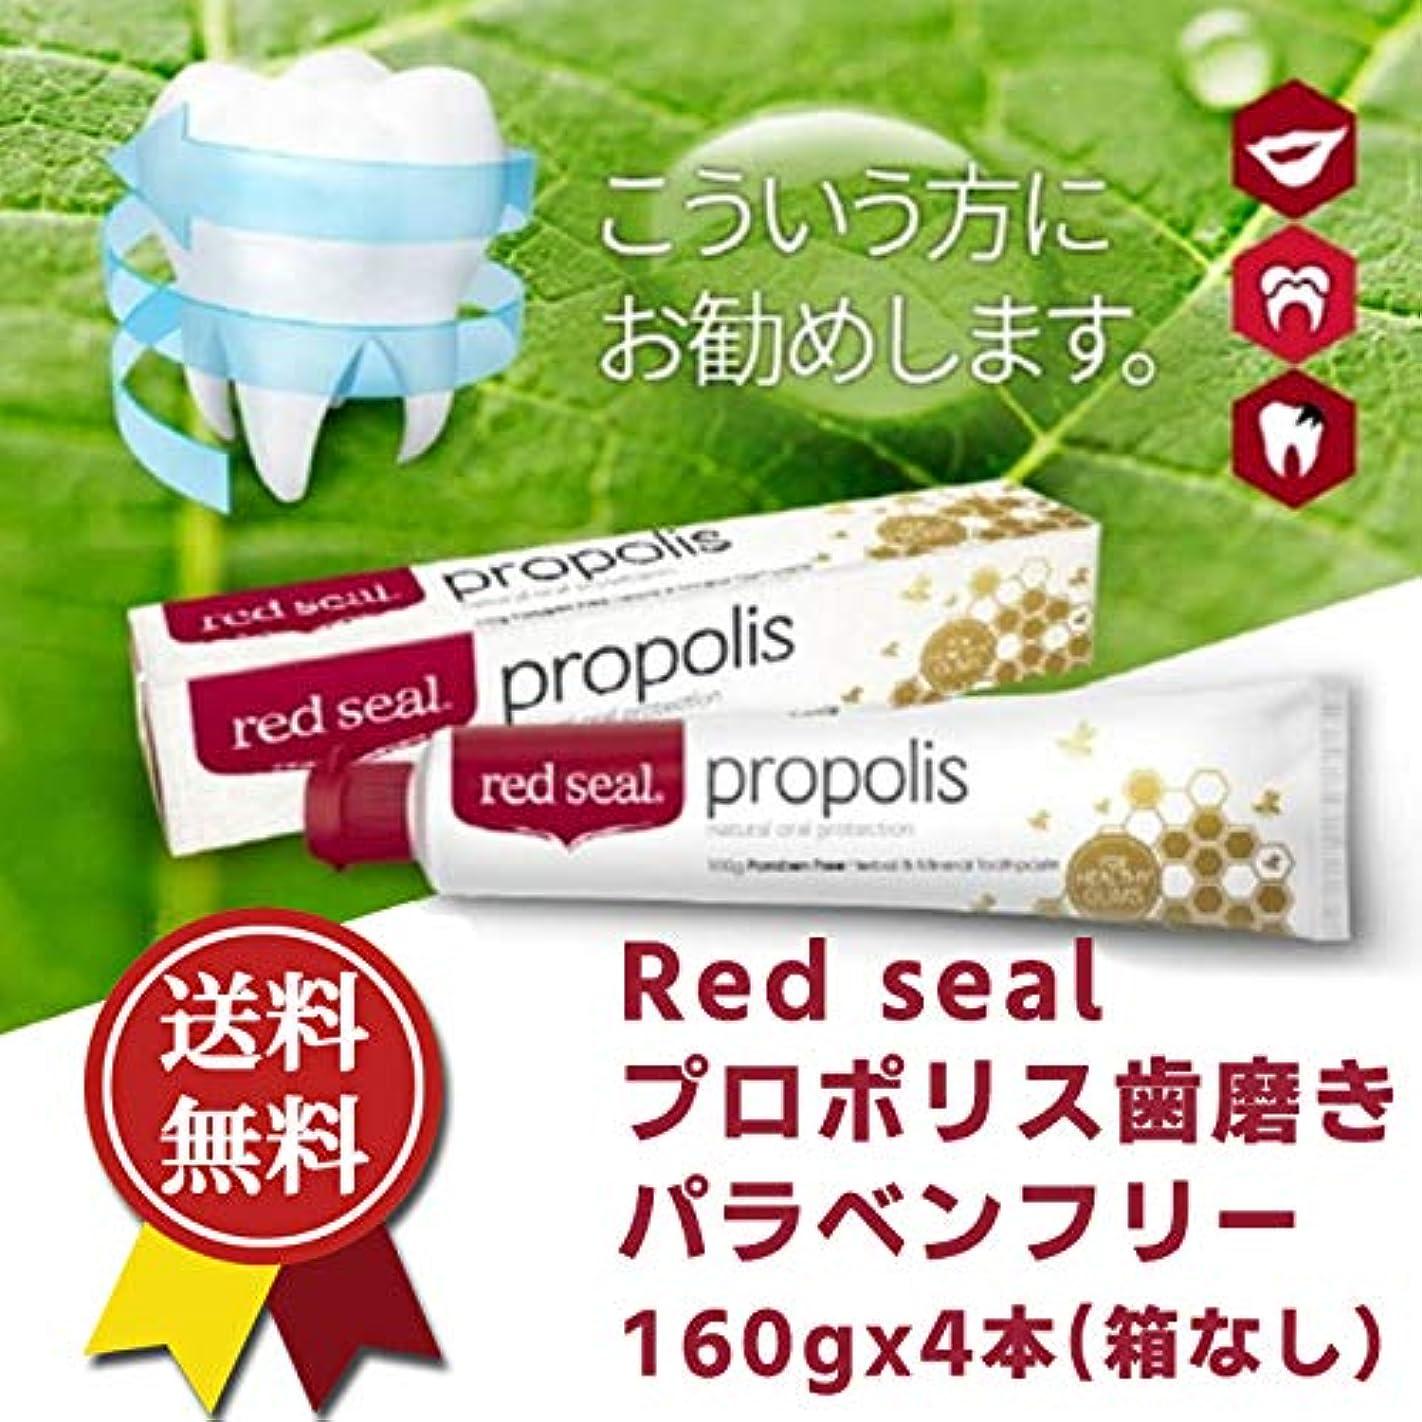 羨望許容最も★送料無料★red seal レッドシール プロポリス 歯磨き粉160gx4本 RED SEAL Propolis Toothpaste